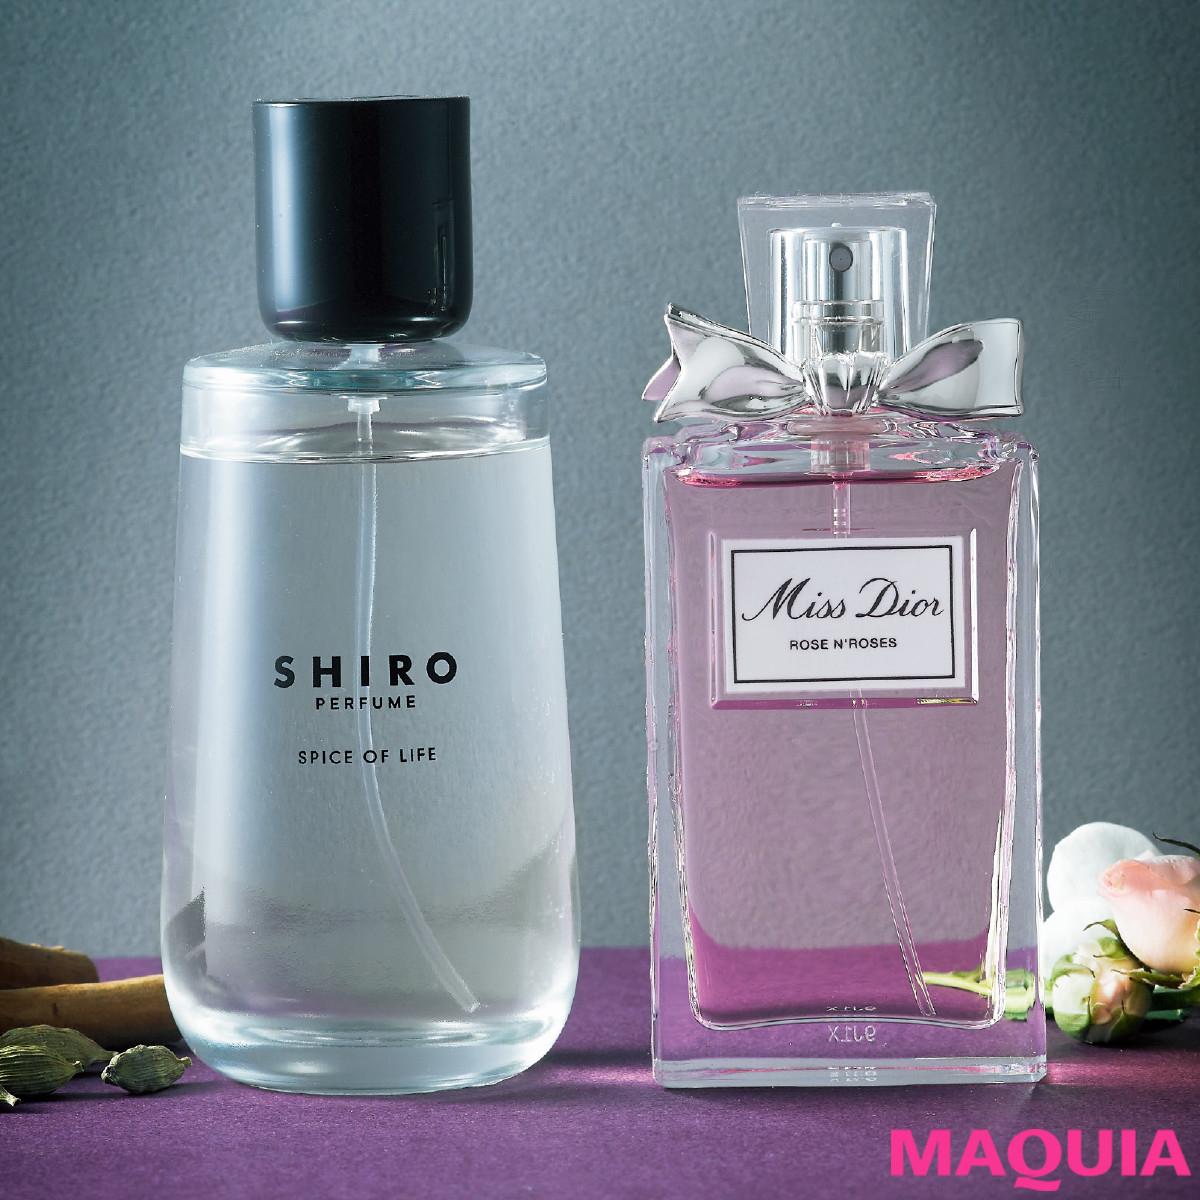 香りで運気上昇! 年始めは王道&薬効のあるスパイスの香りが開運のカギ